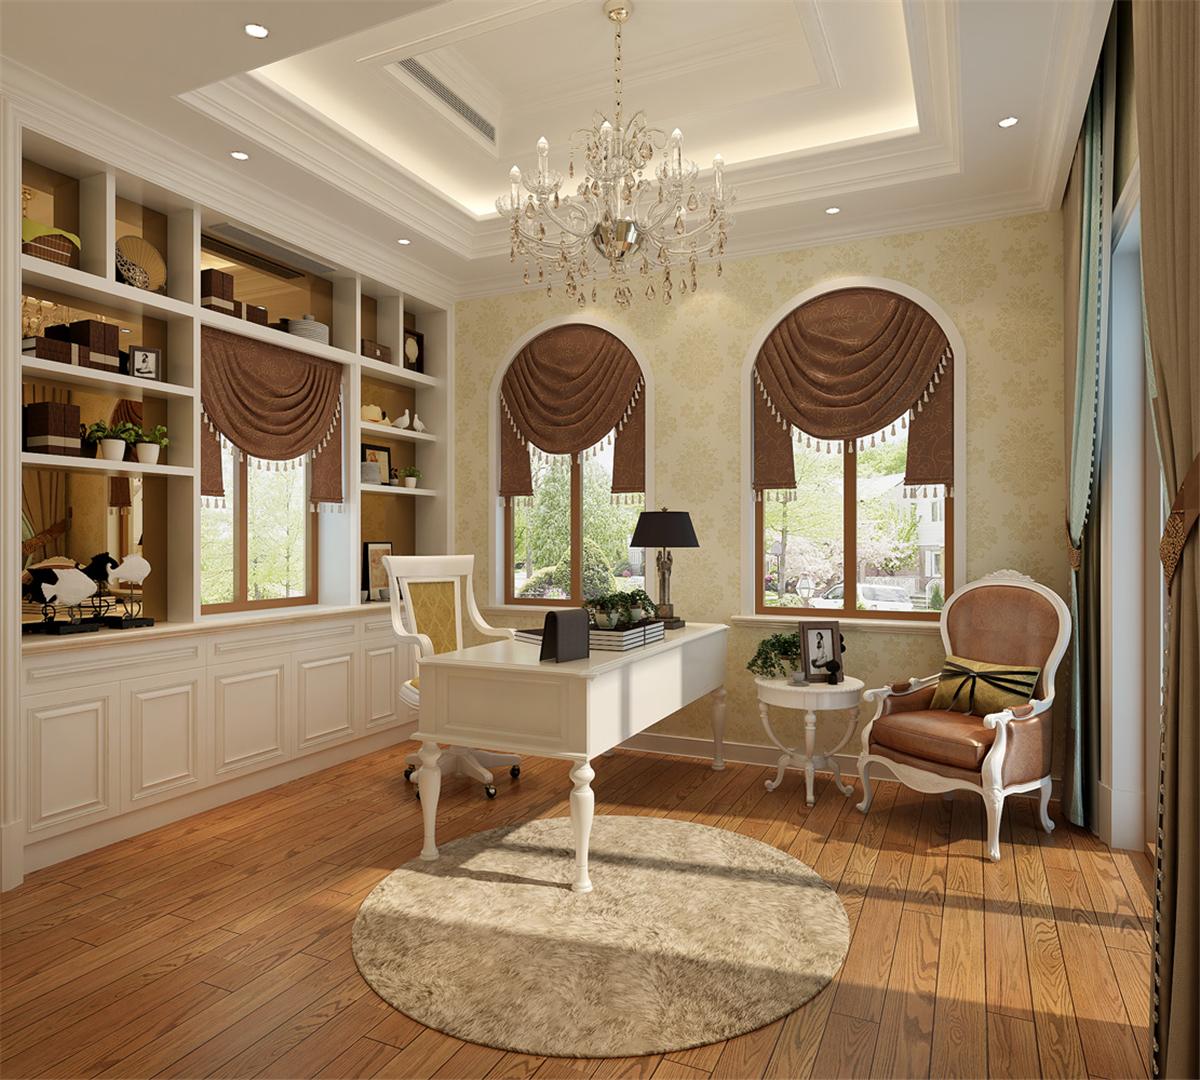 富力湾 别墅装修 欧美风格 腾龙设计 书房图片来自腾龙设计在富力湾别墅装修欧美风格设计1的分享